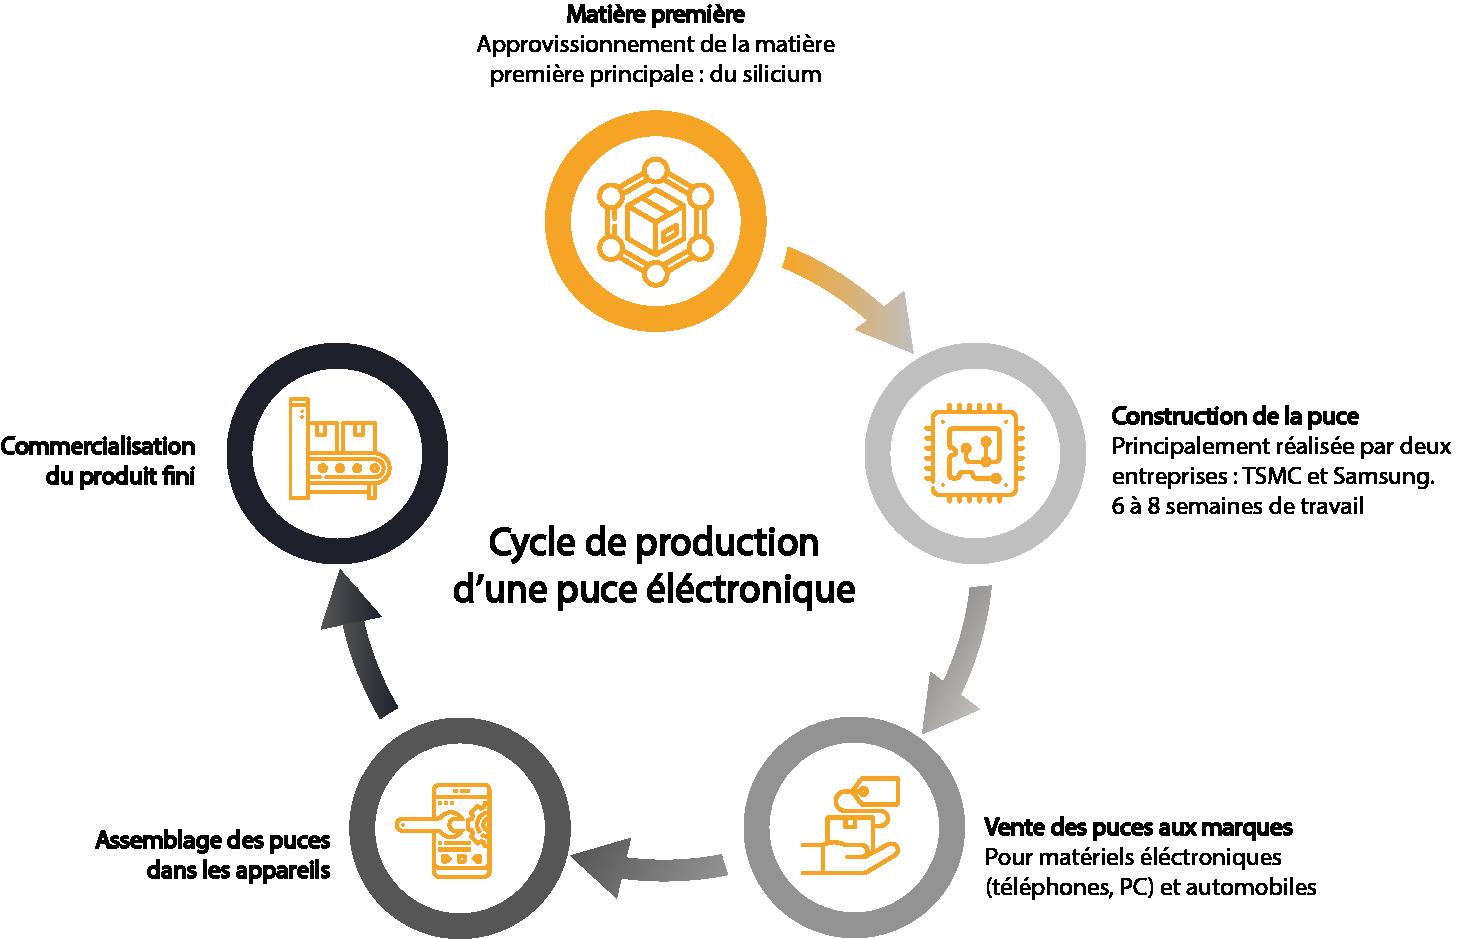 Cycle de production d'une puce